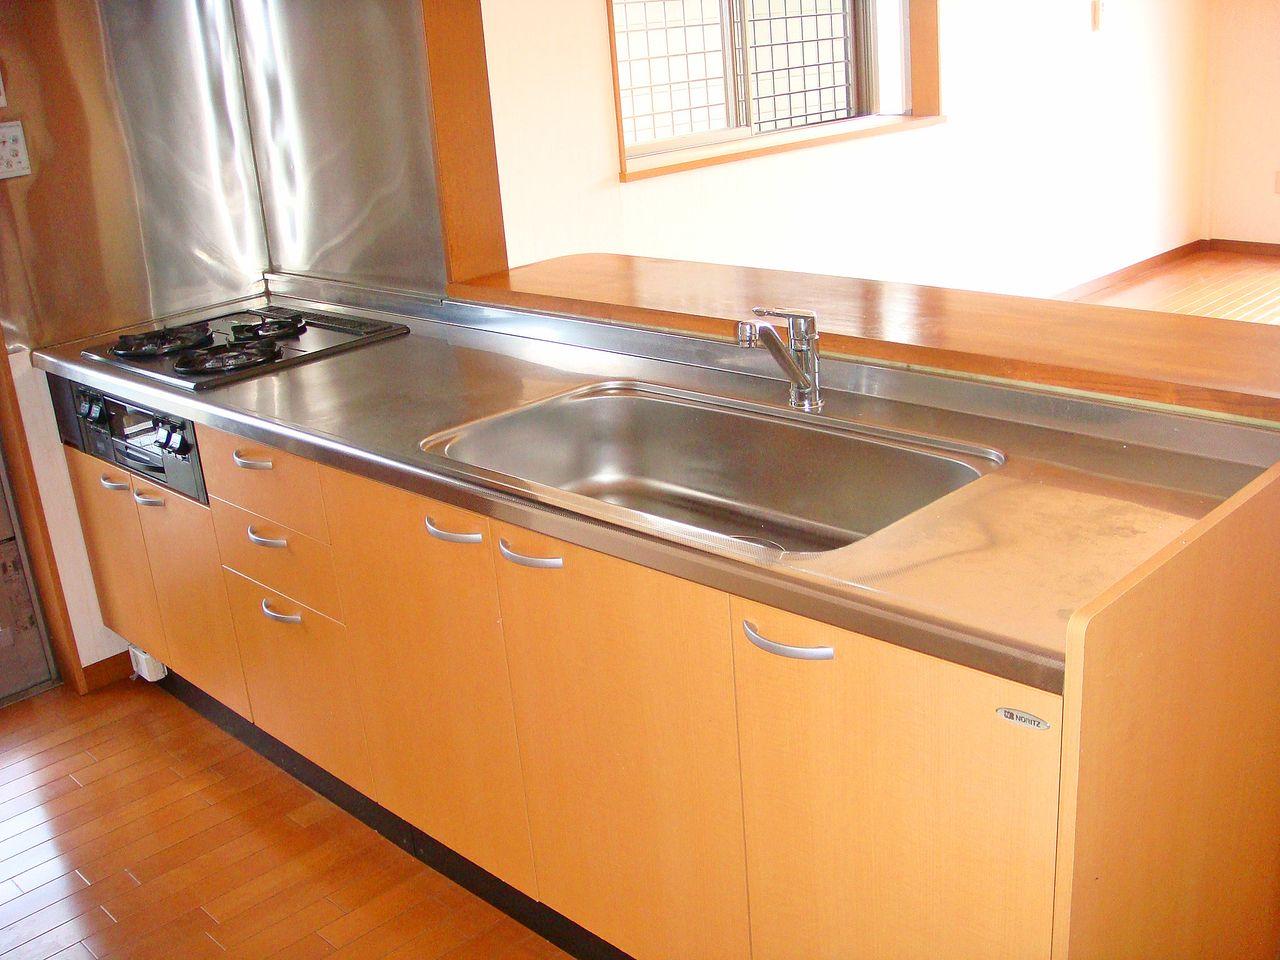 ガスコンロ3口と魚焼きグリルがついたカウンターシステムキッチンからLDKにいる家族の様子をうかがえます。